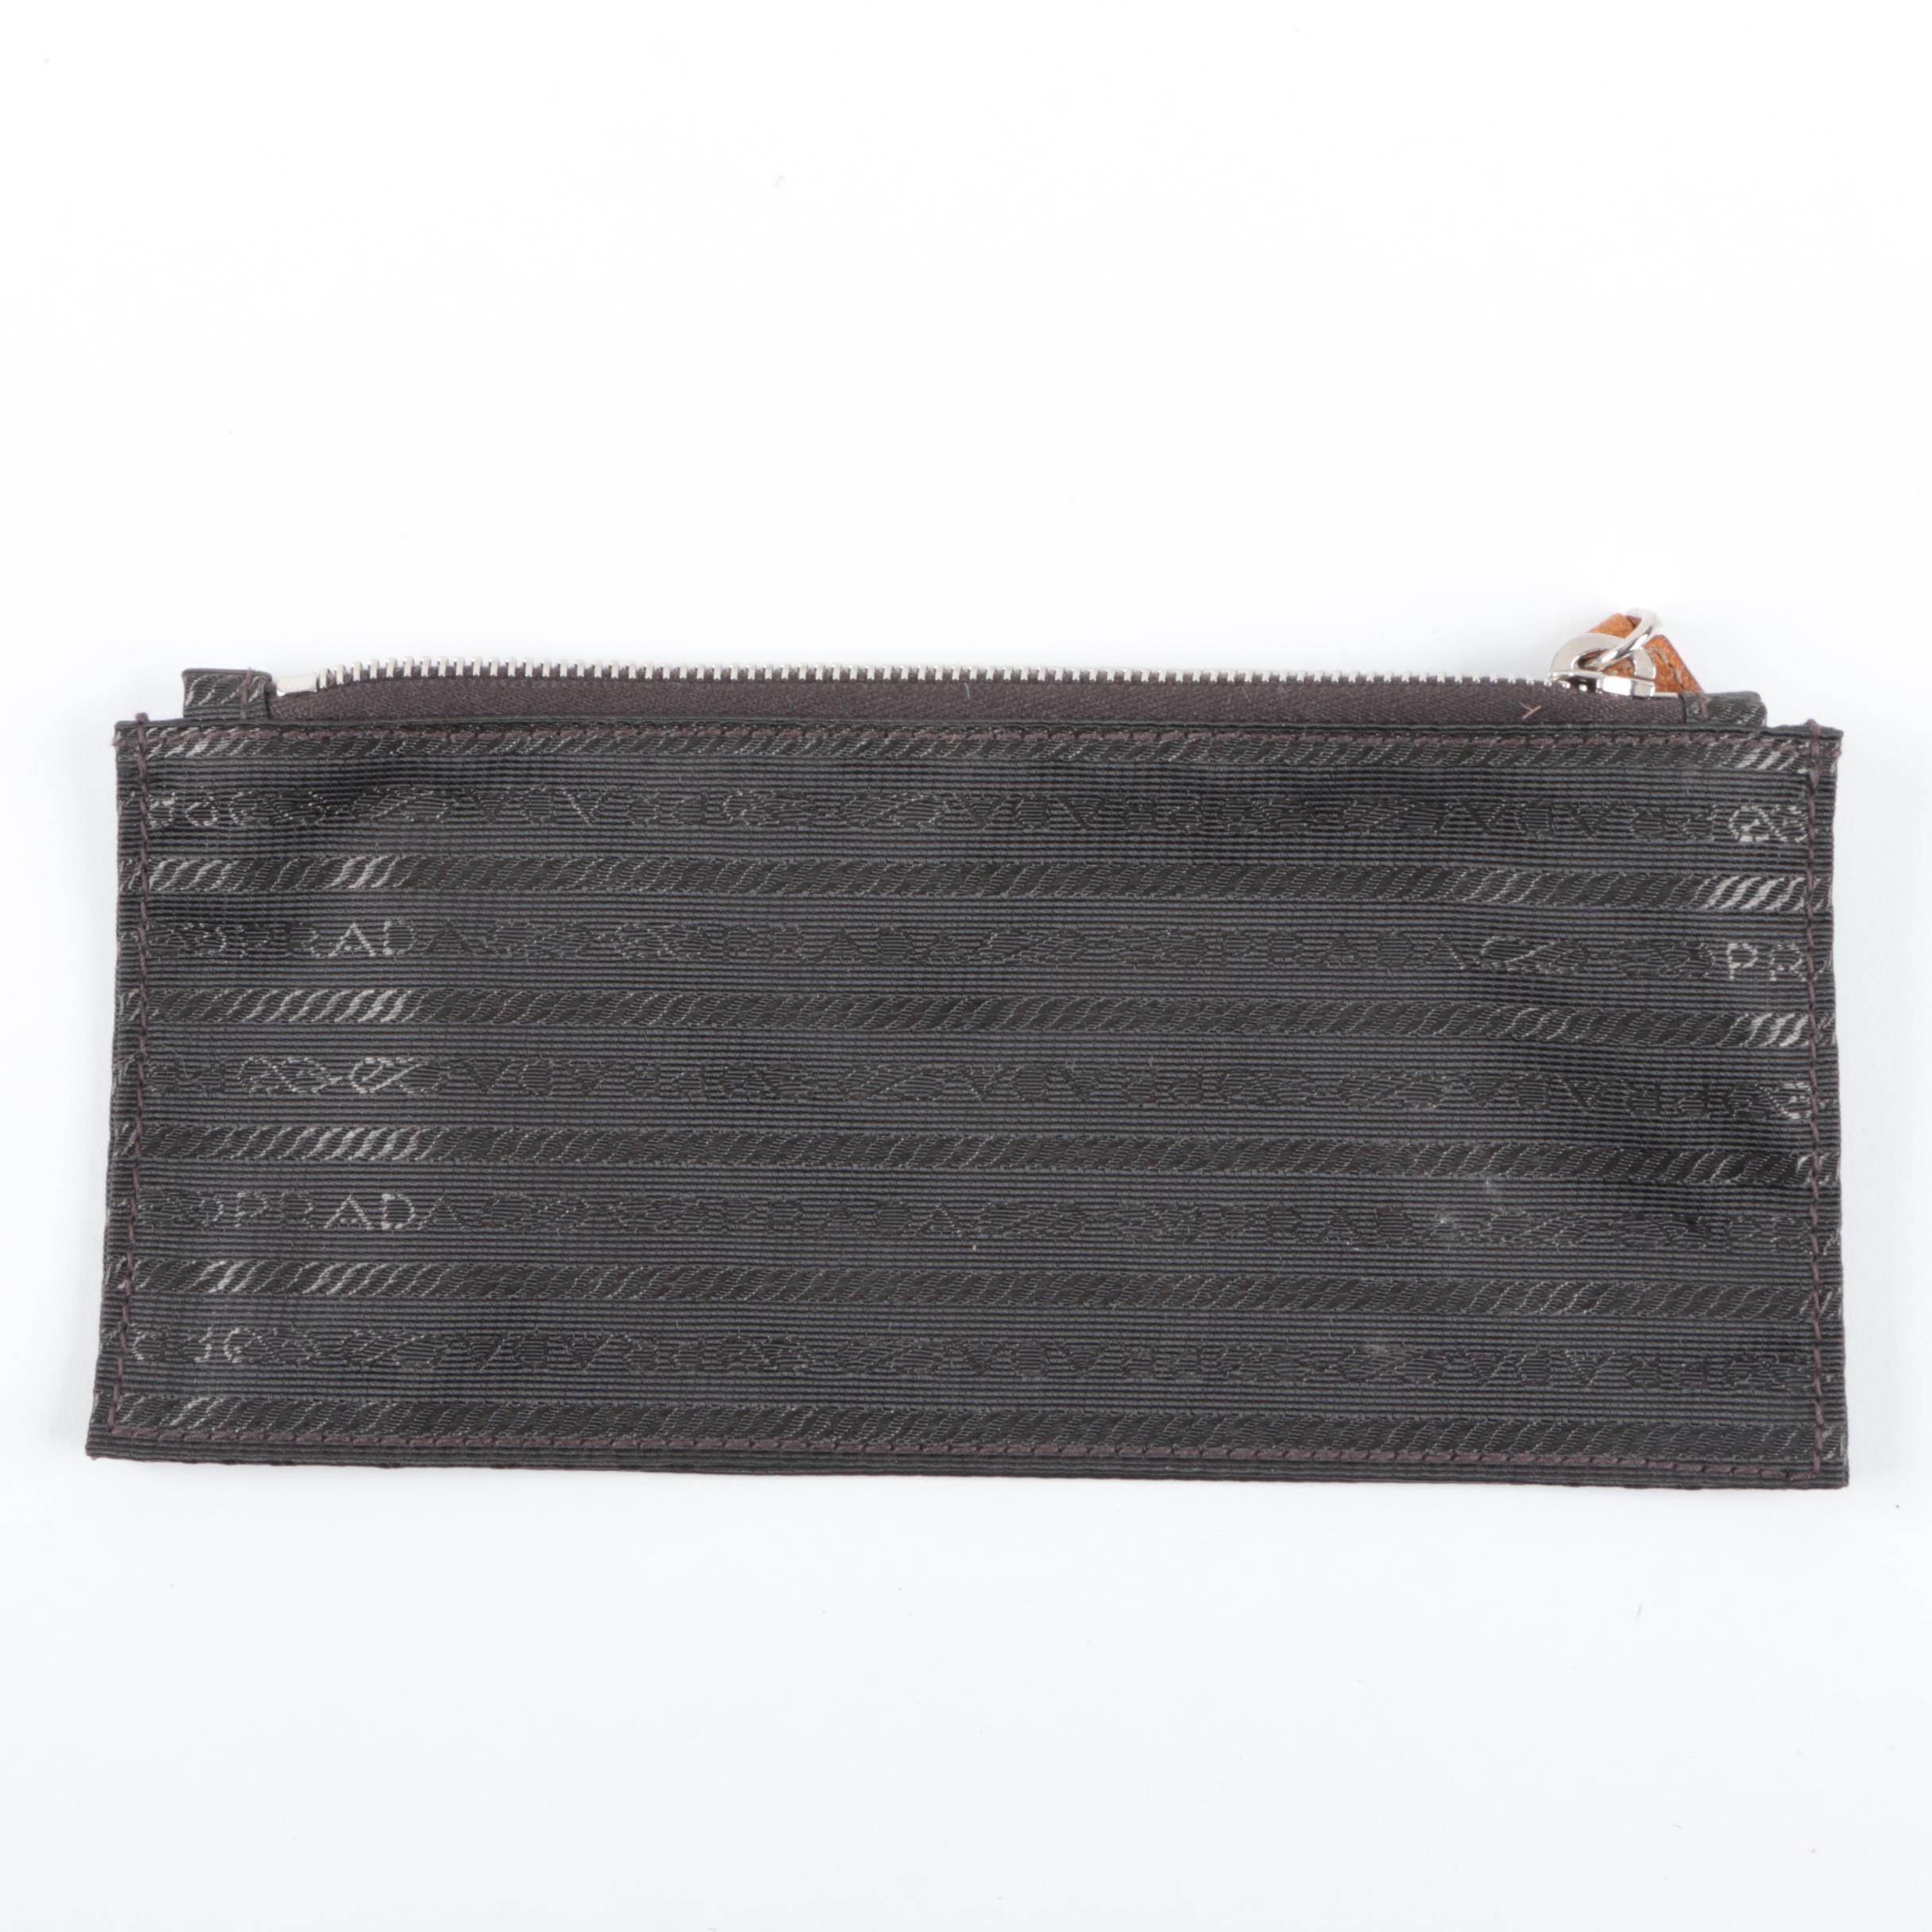 Prada Woven Fabric Accessory Pouch